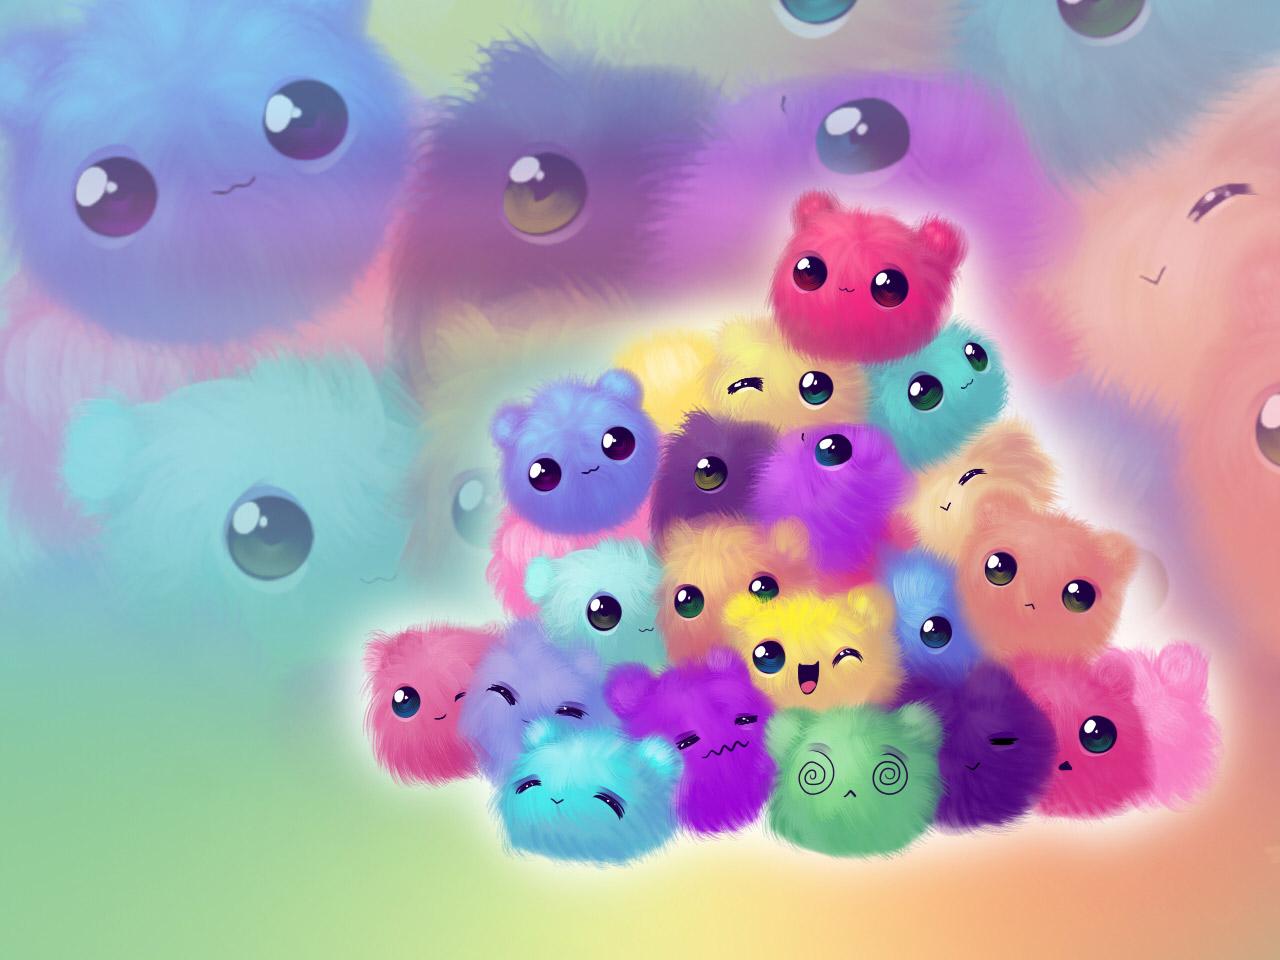 Cute-Wallpapers-For-Desktop-3 … | Pinteres…